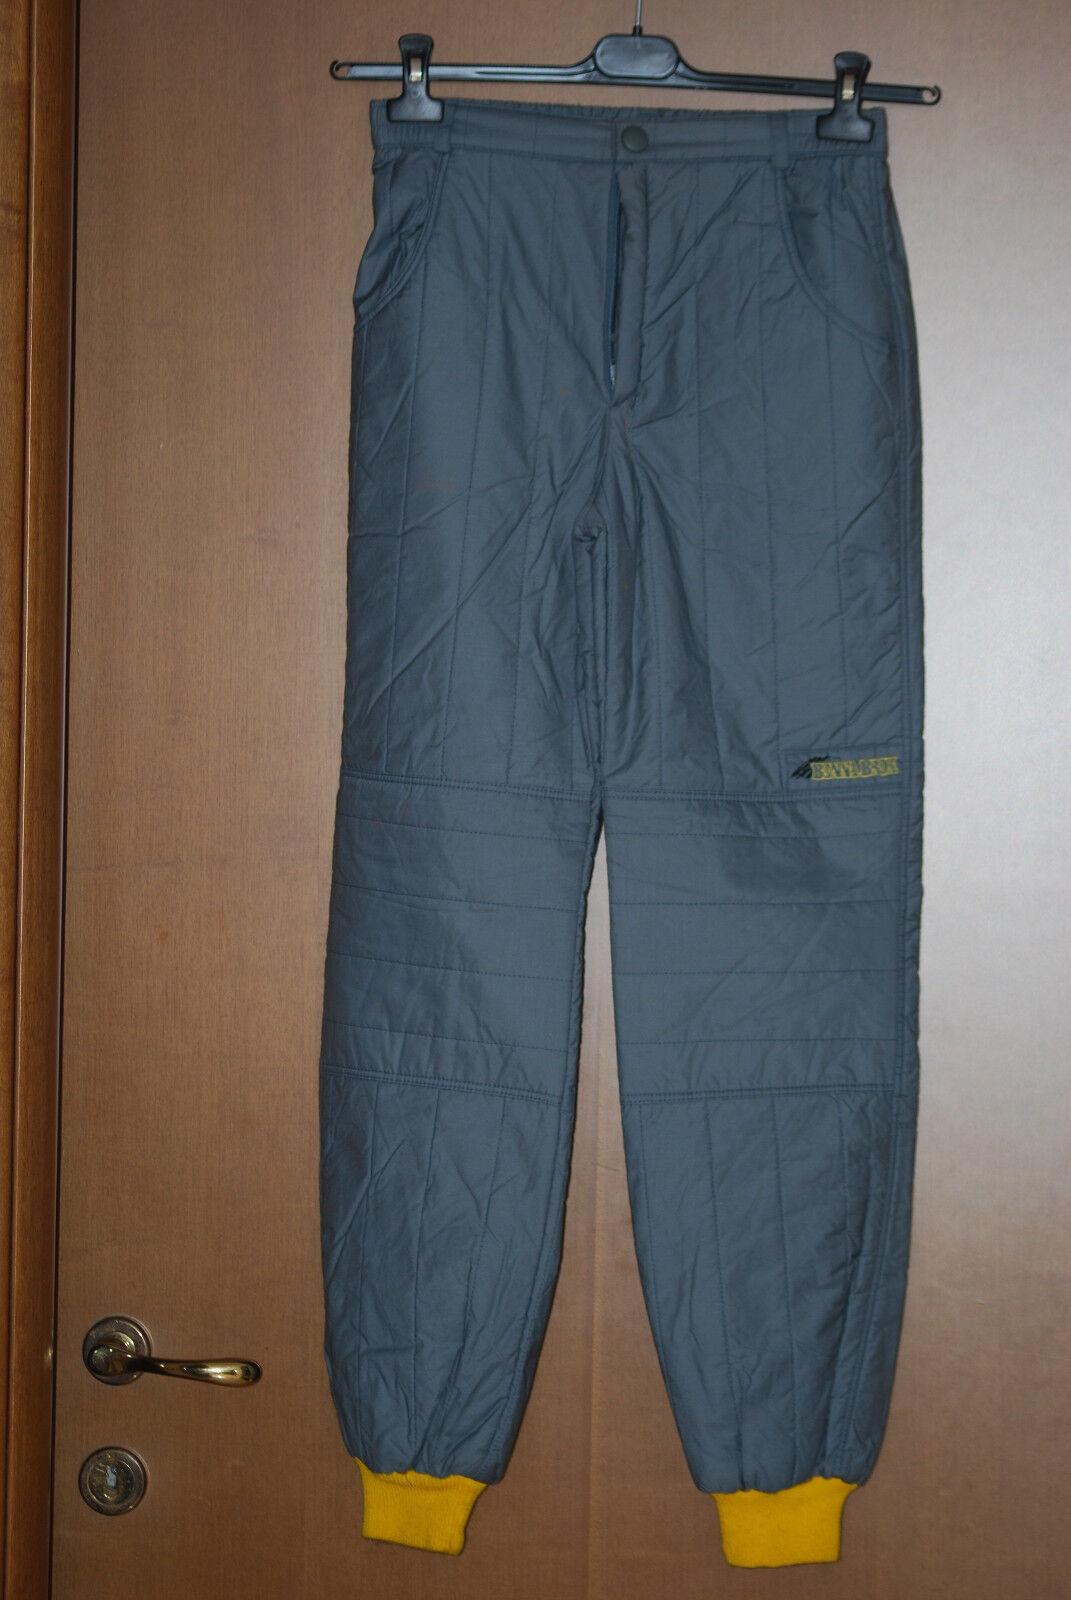 Pantalone Benna Brok suit NEW   vintage thermo sport snowboard snow paninaro 164